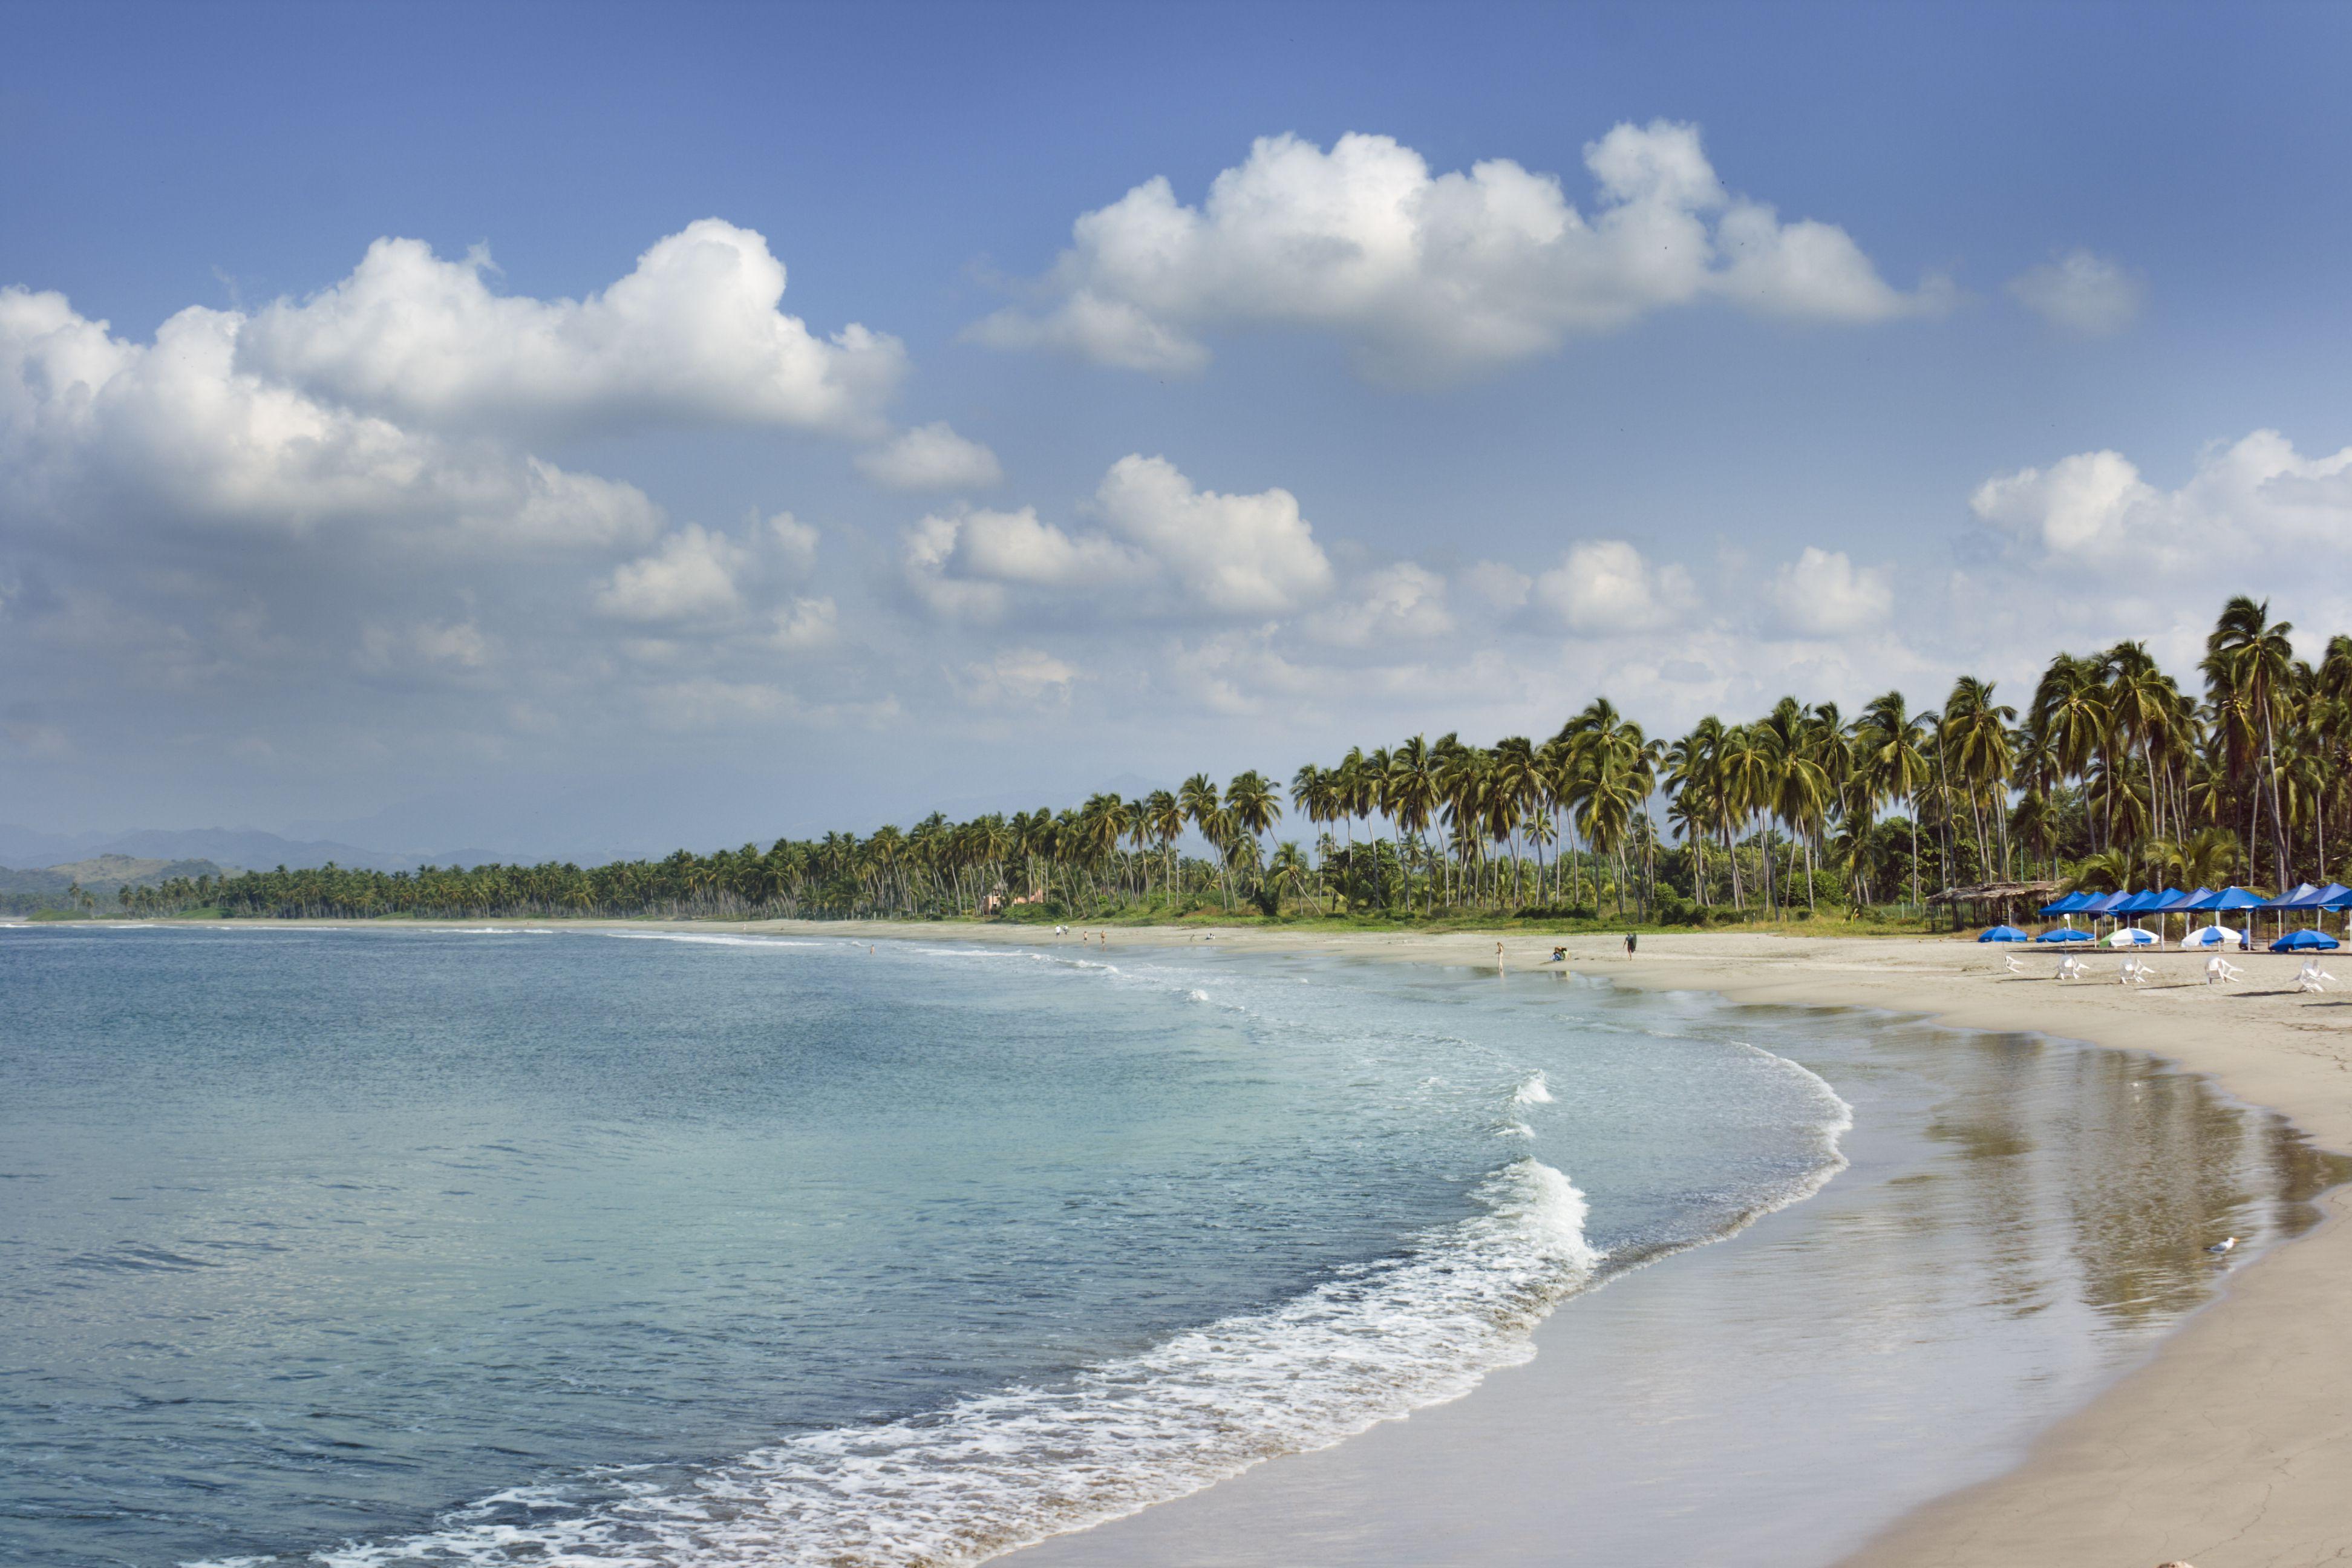 Beach at Ixtapa, Mexico